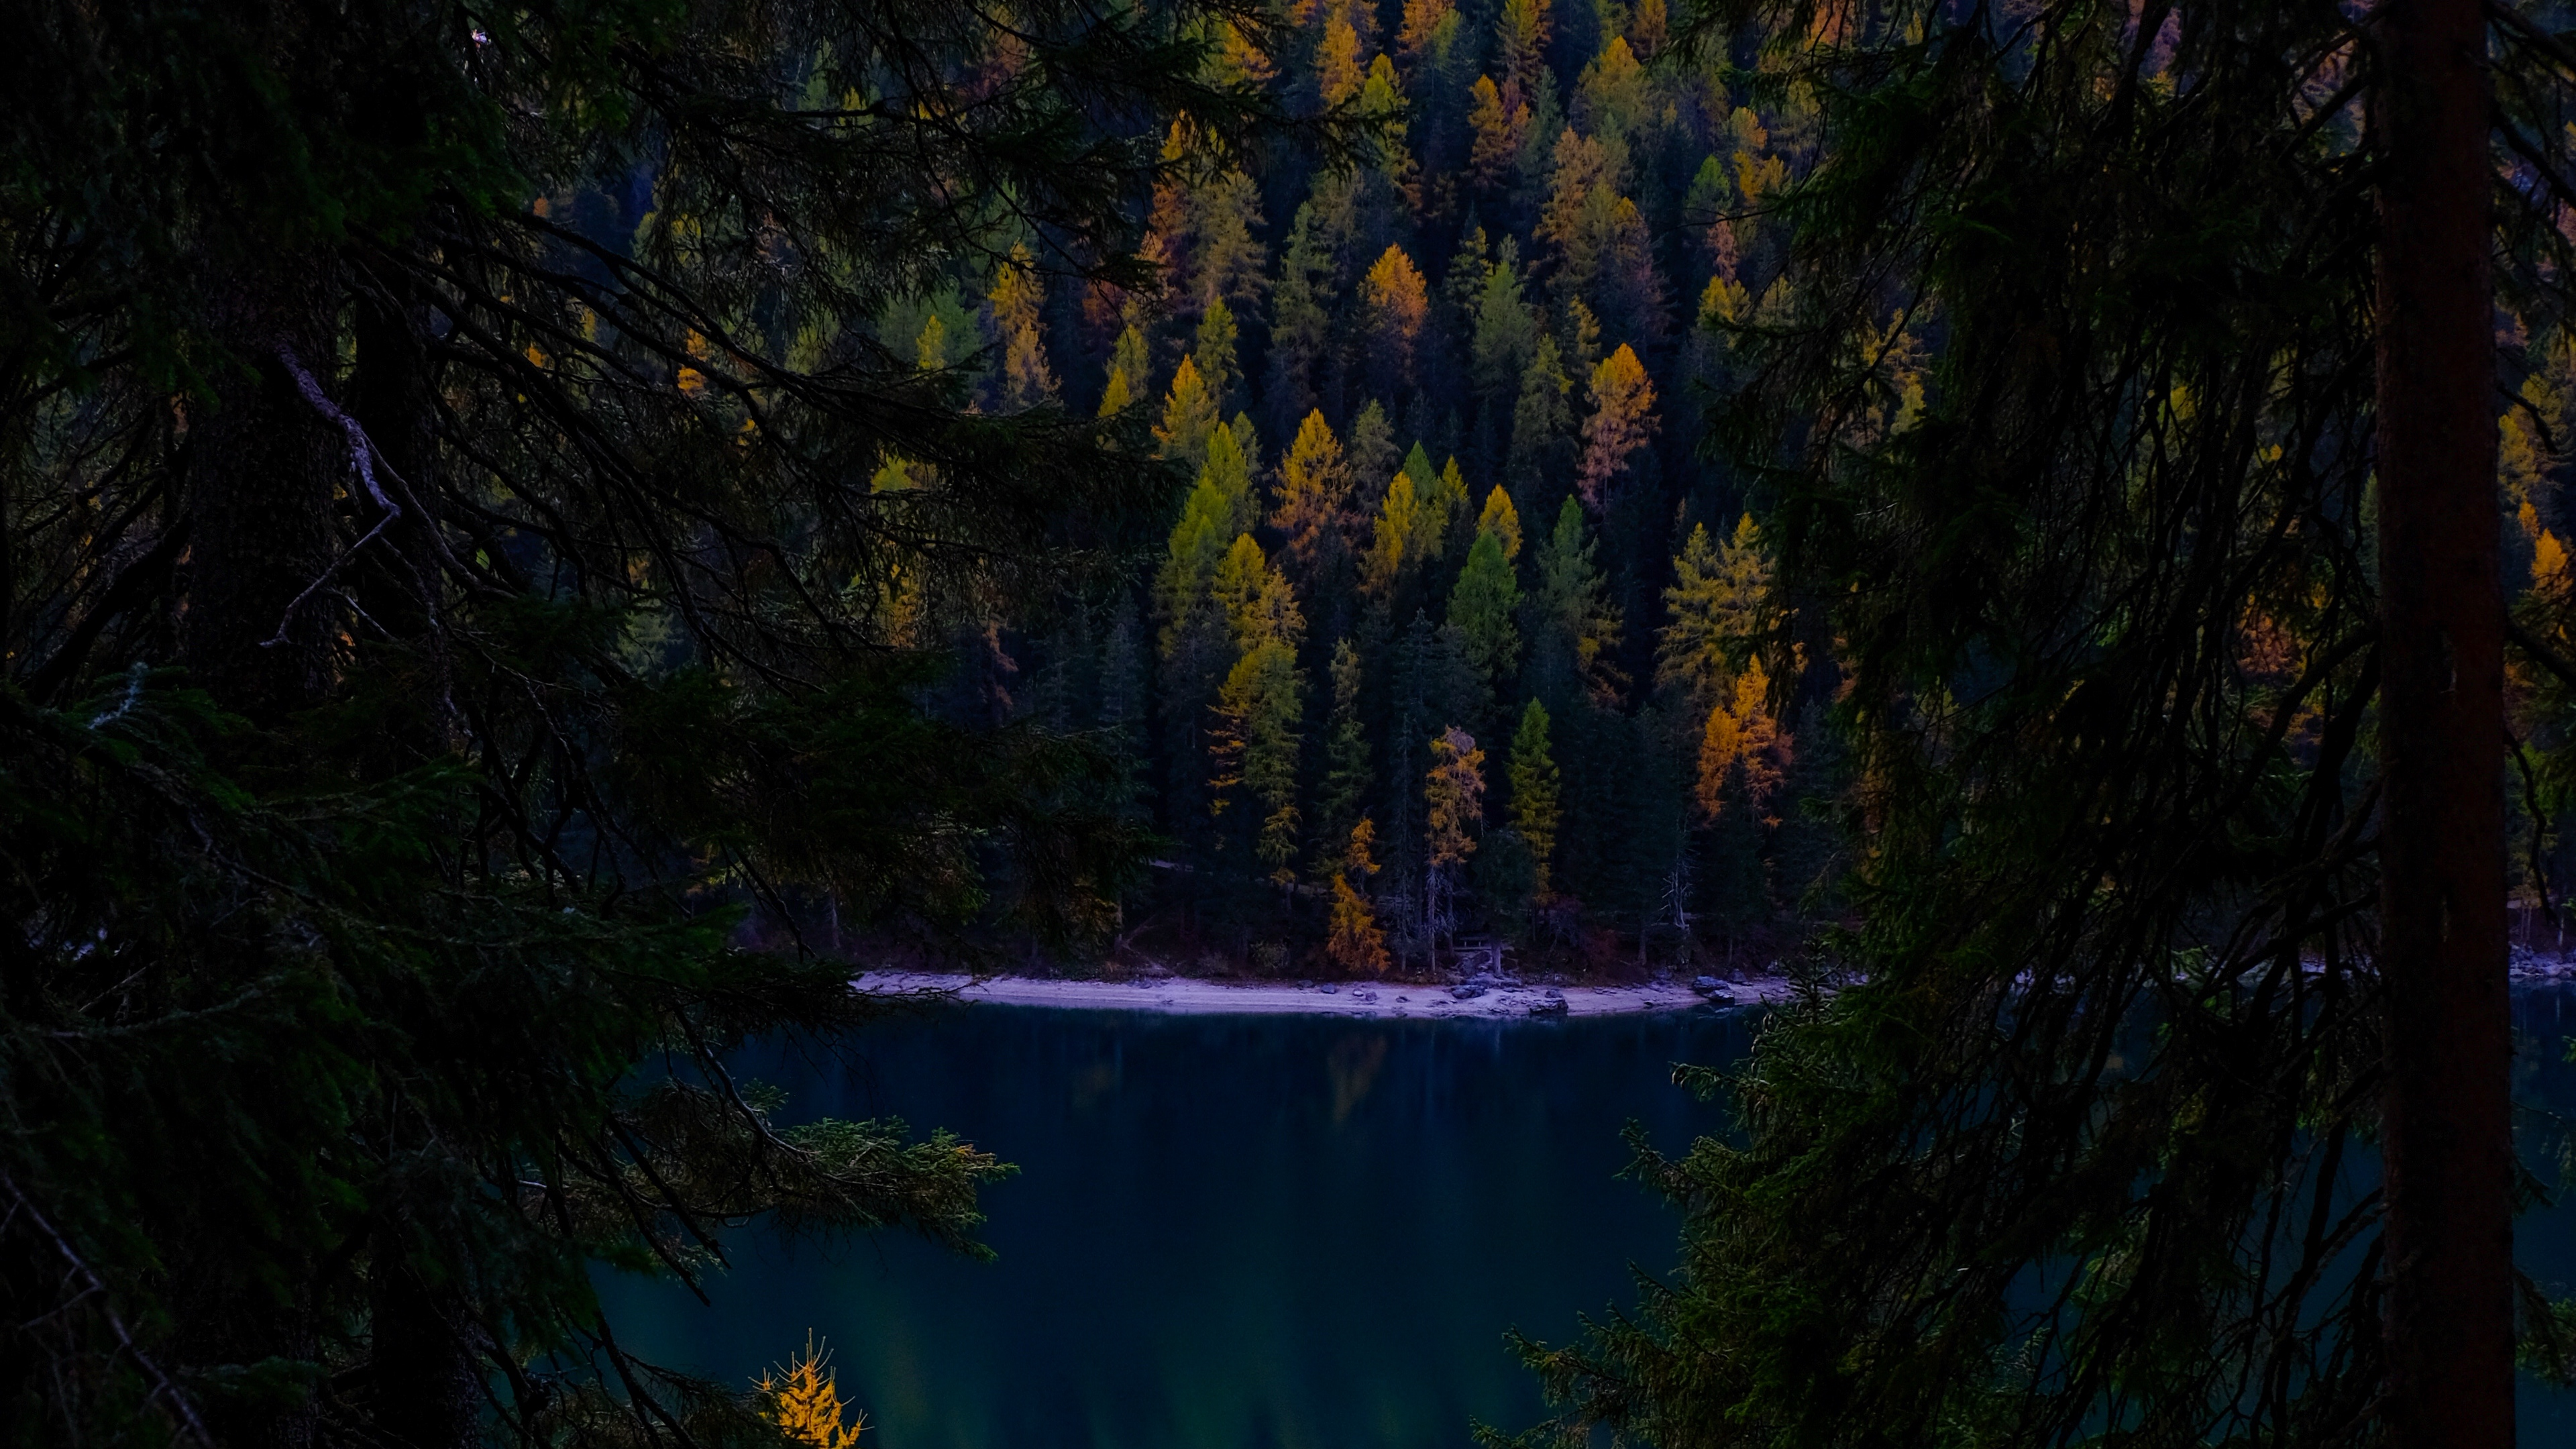 forest autumn lake branches dark 4k 1541113725 - forest, autumn, lake, branches, dark 4k - Lake, Forest, Autumn